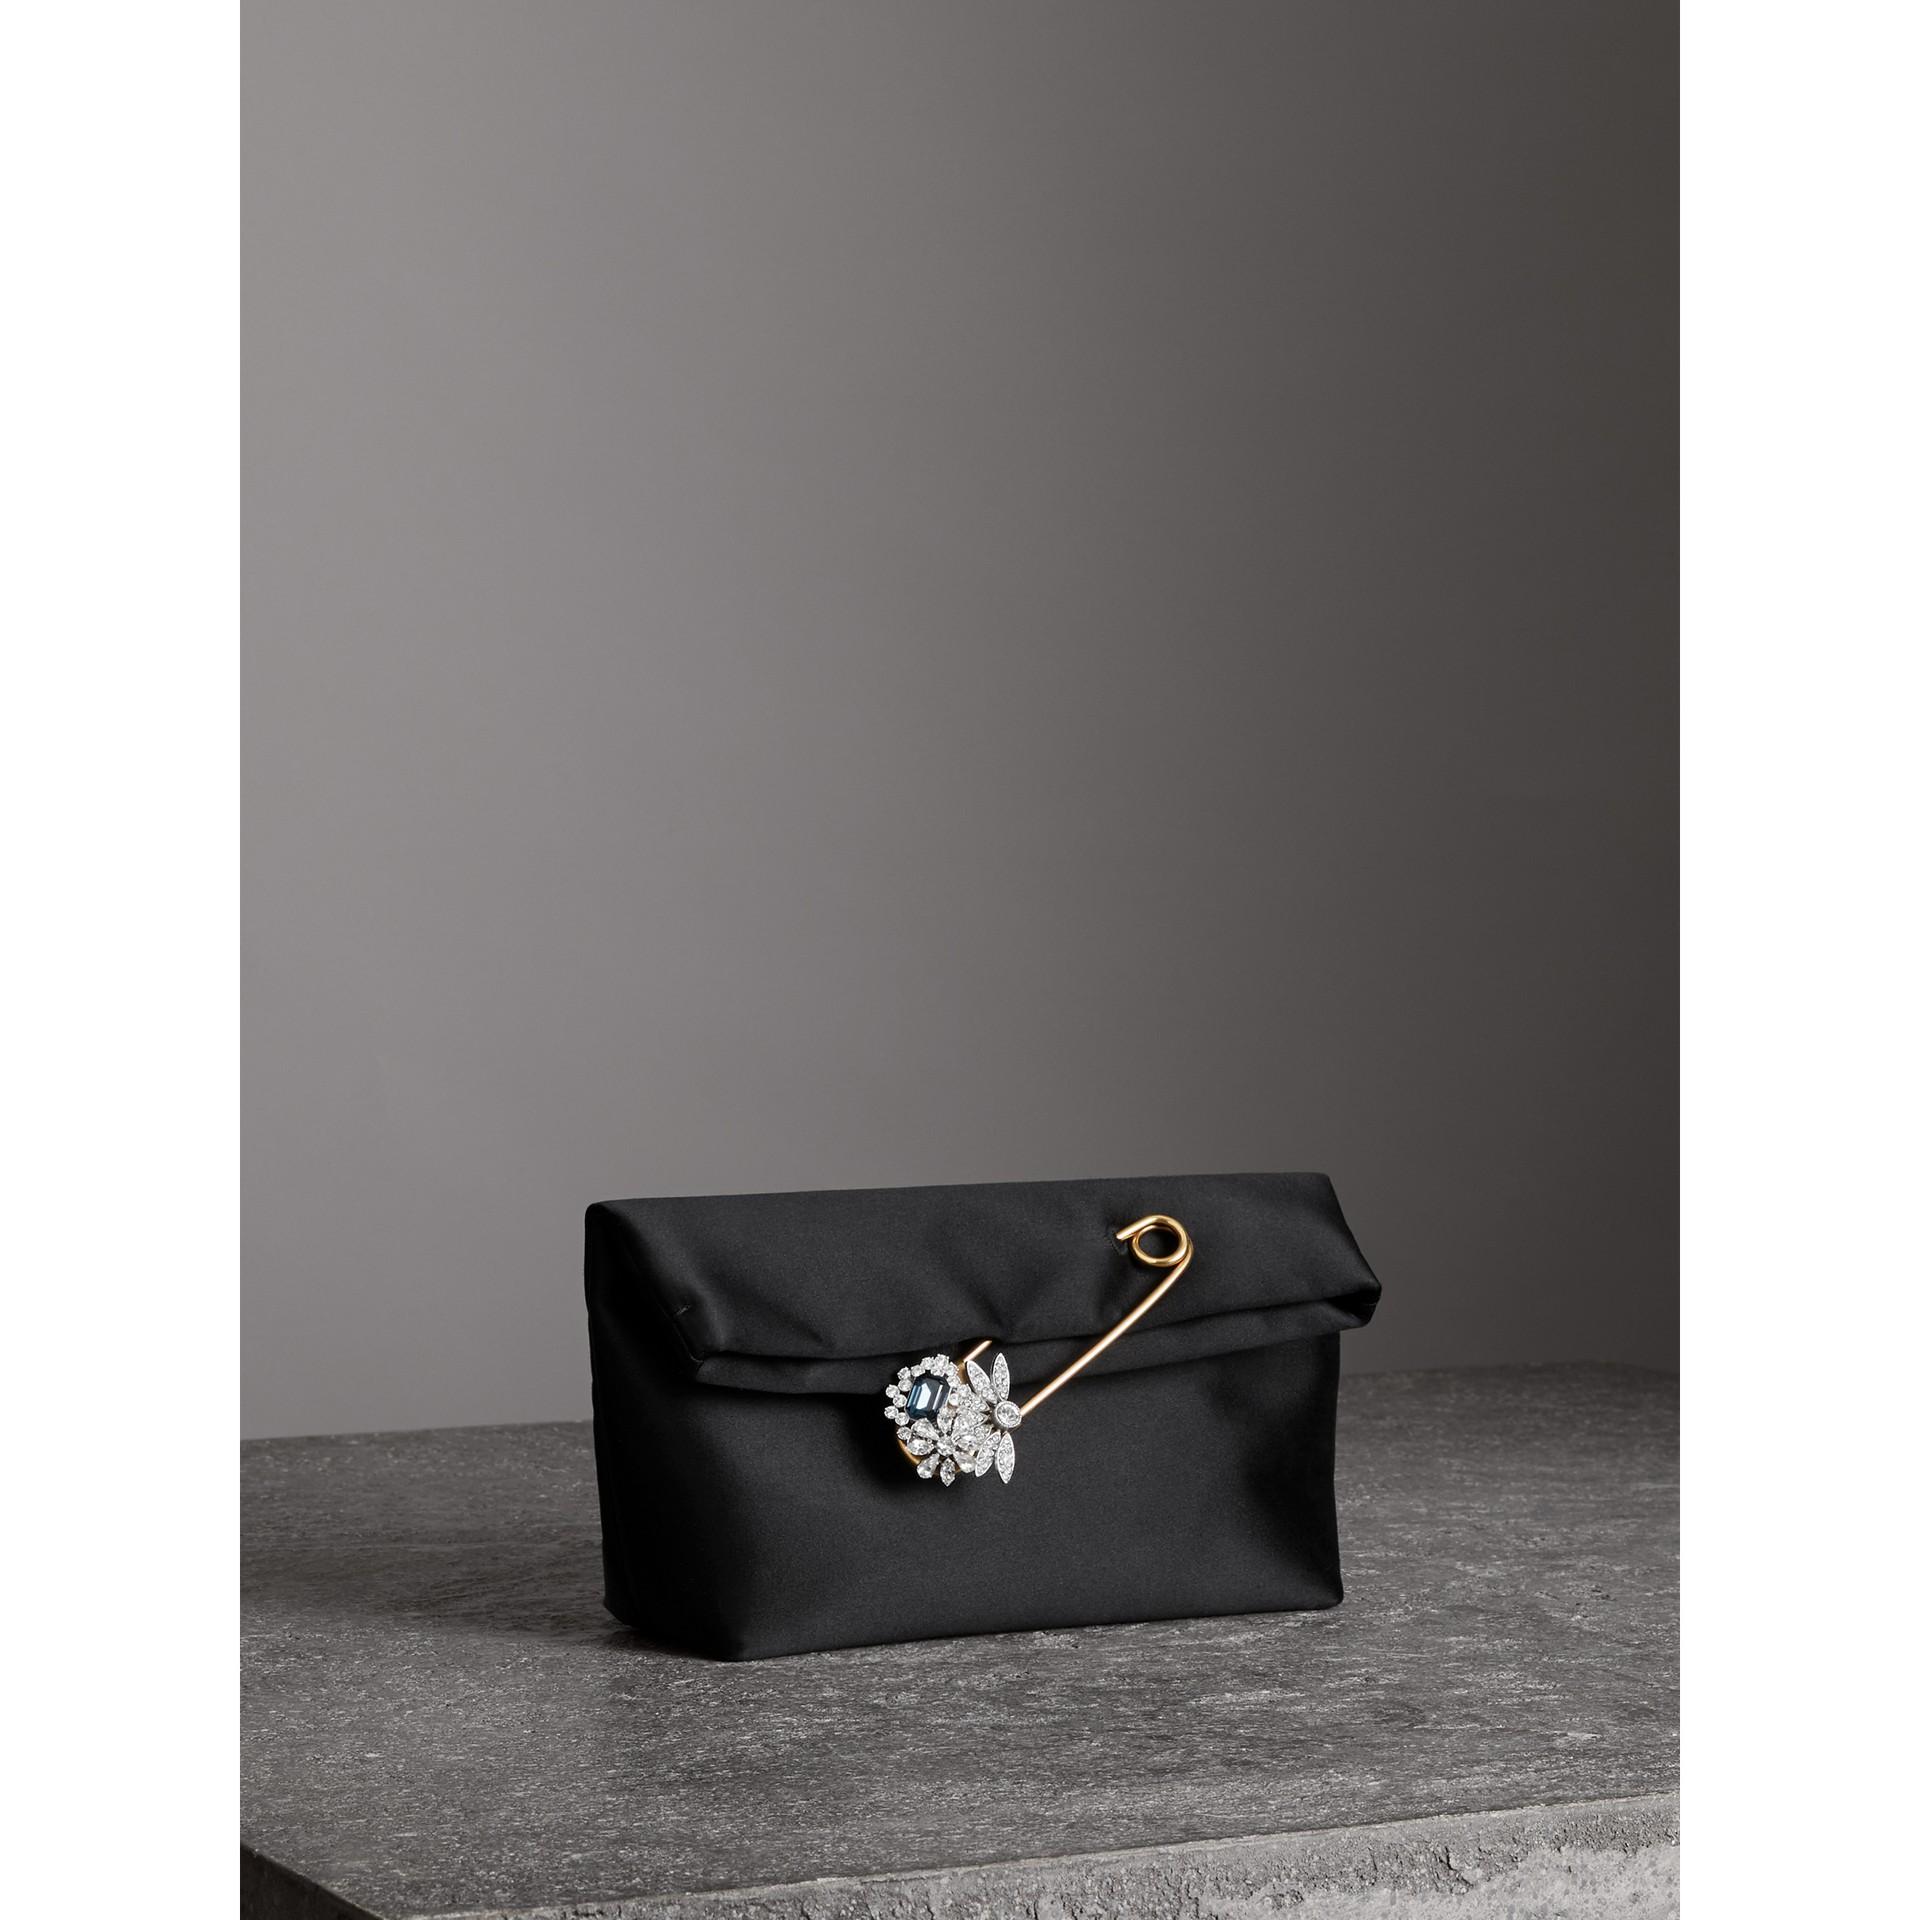 Атласная сумка Pin Clutch, компактный размер (Черный) - Для женщин | Burberry - изображение 6